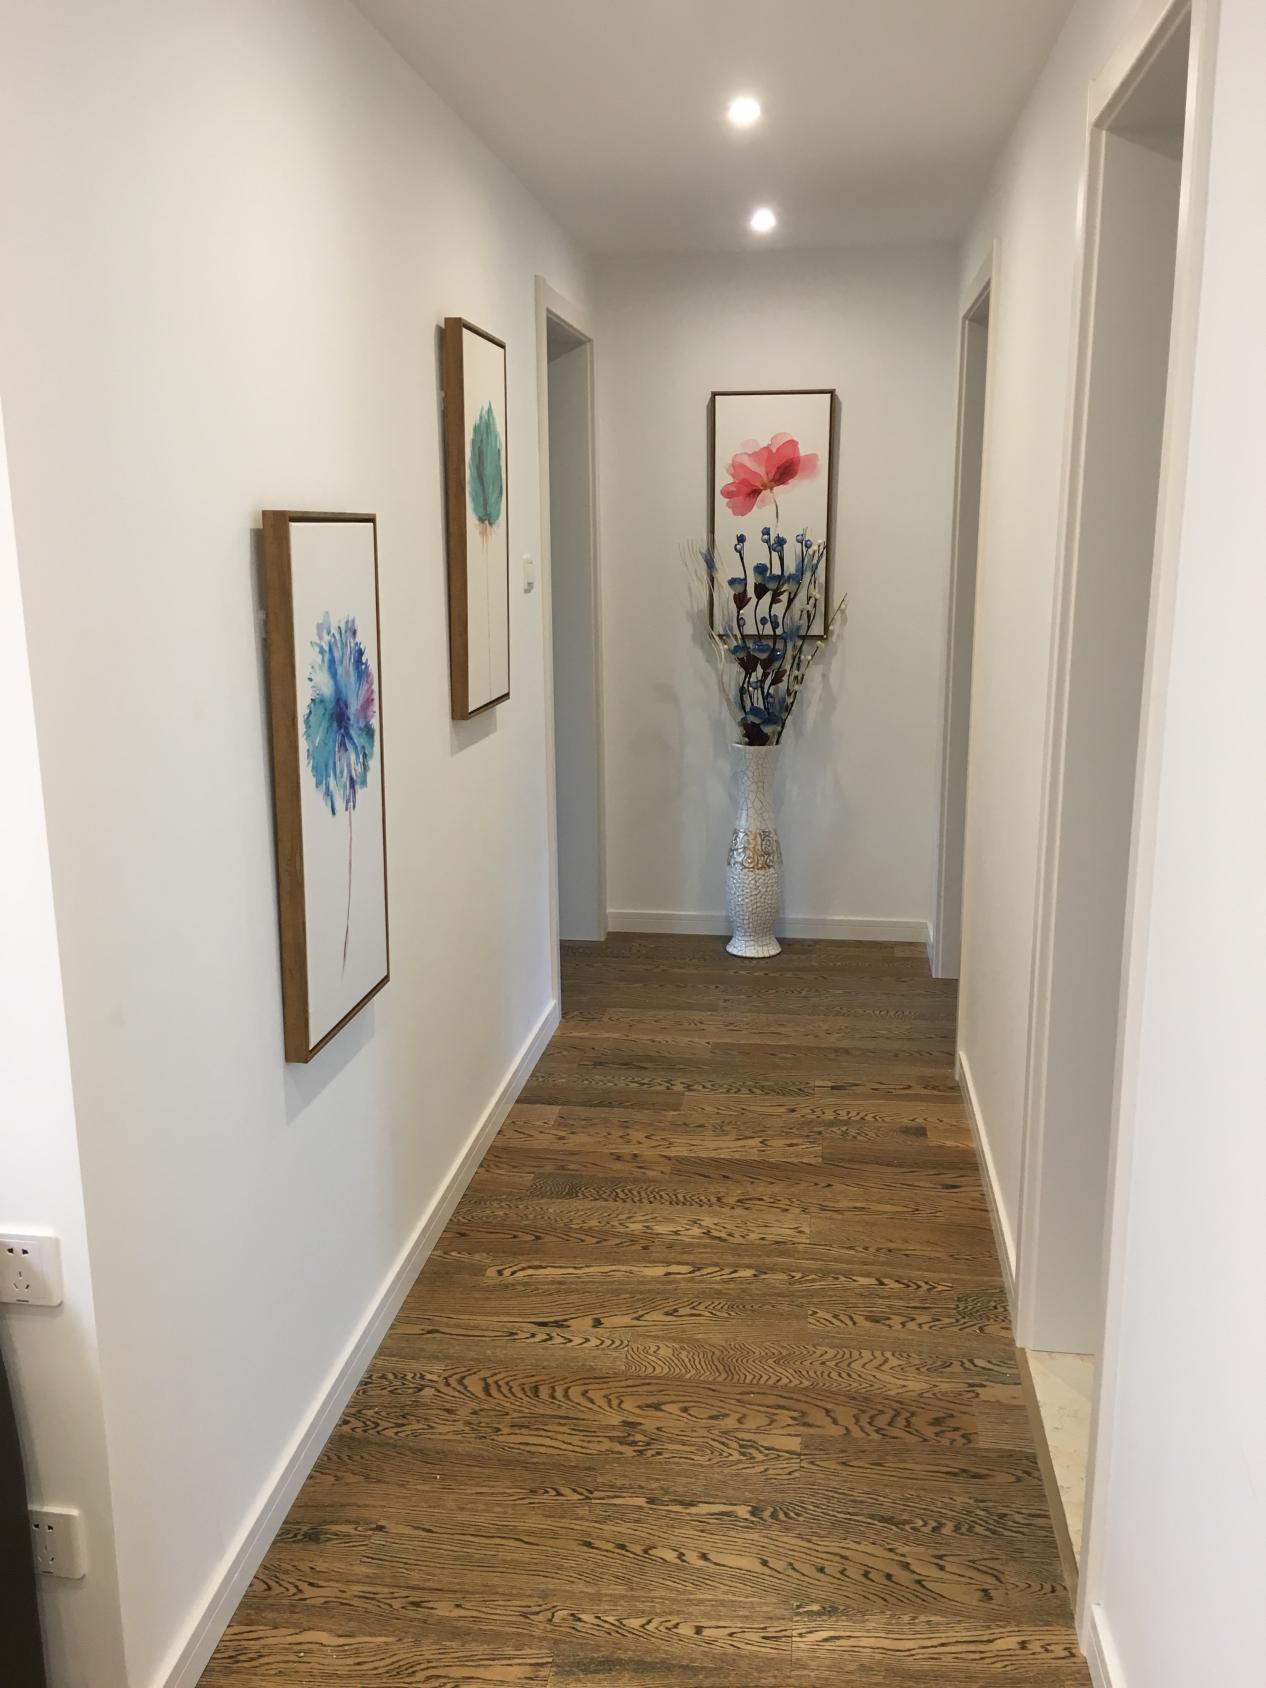 走廊虽然空间不大,但经过业主的精心装饰也很有艺术气息。